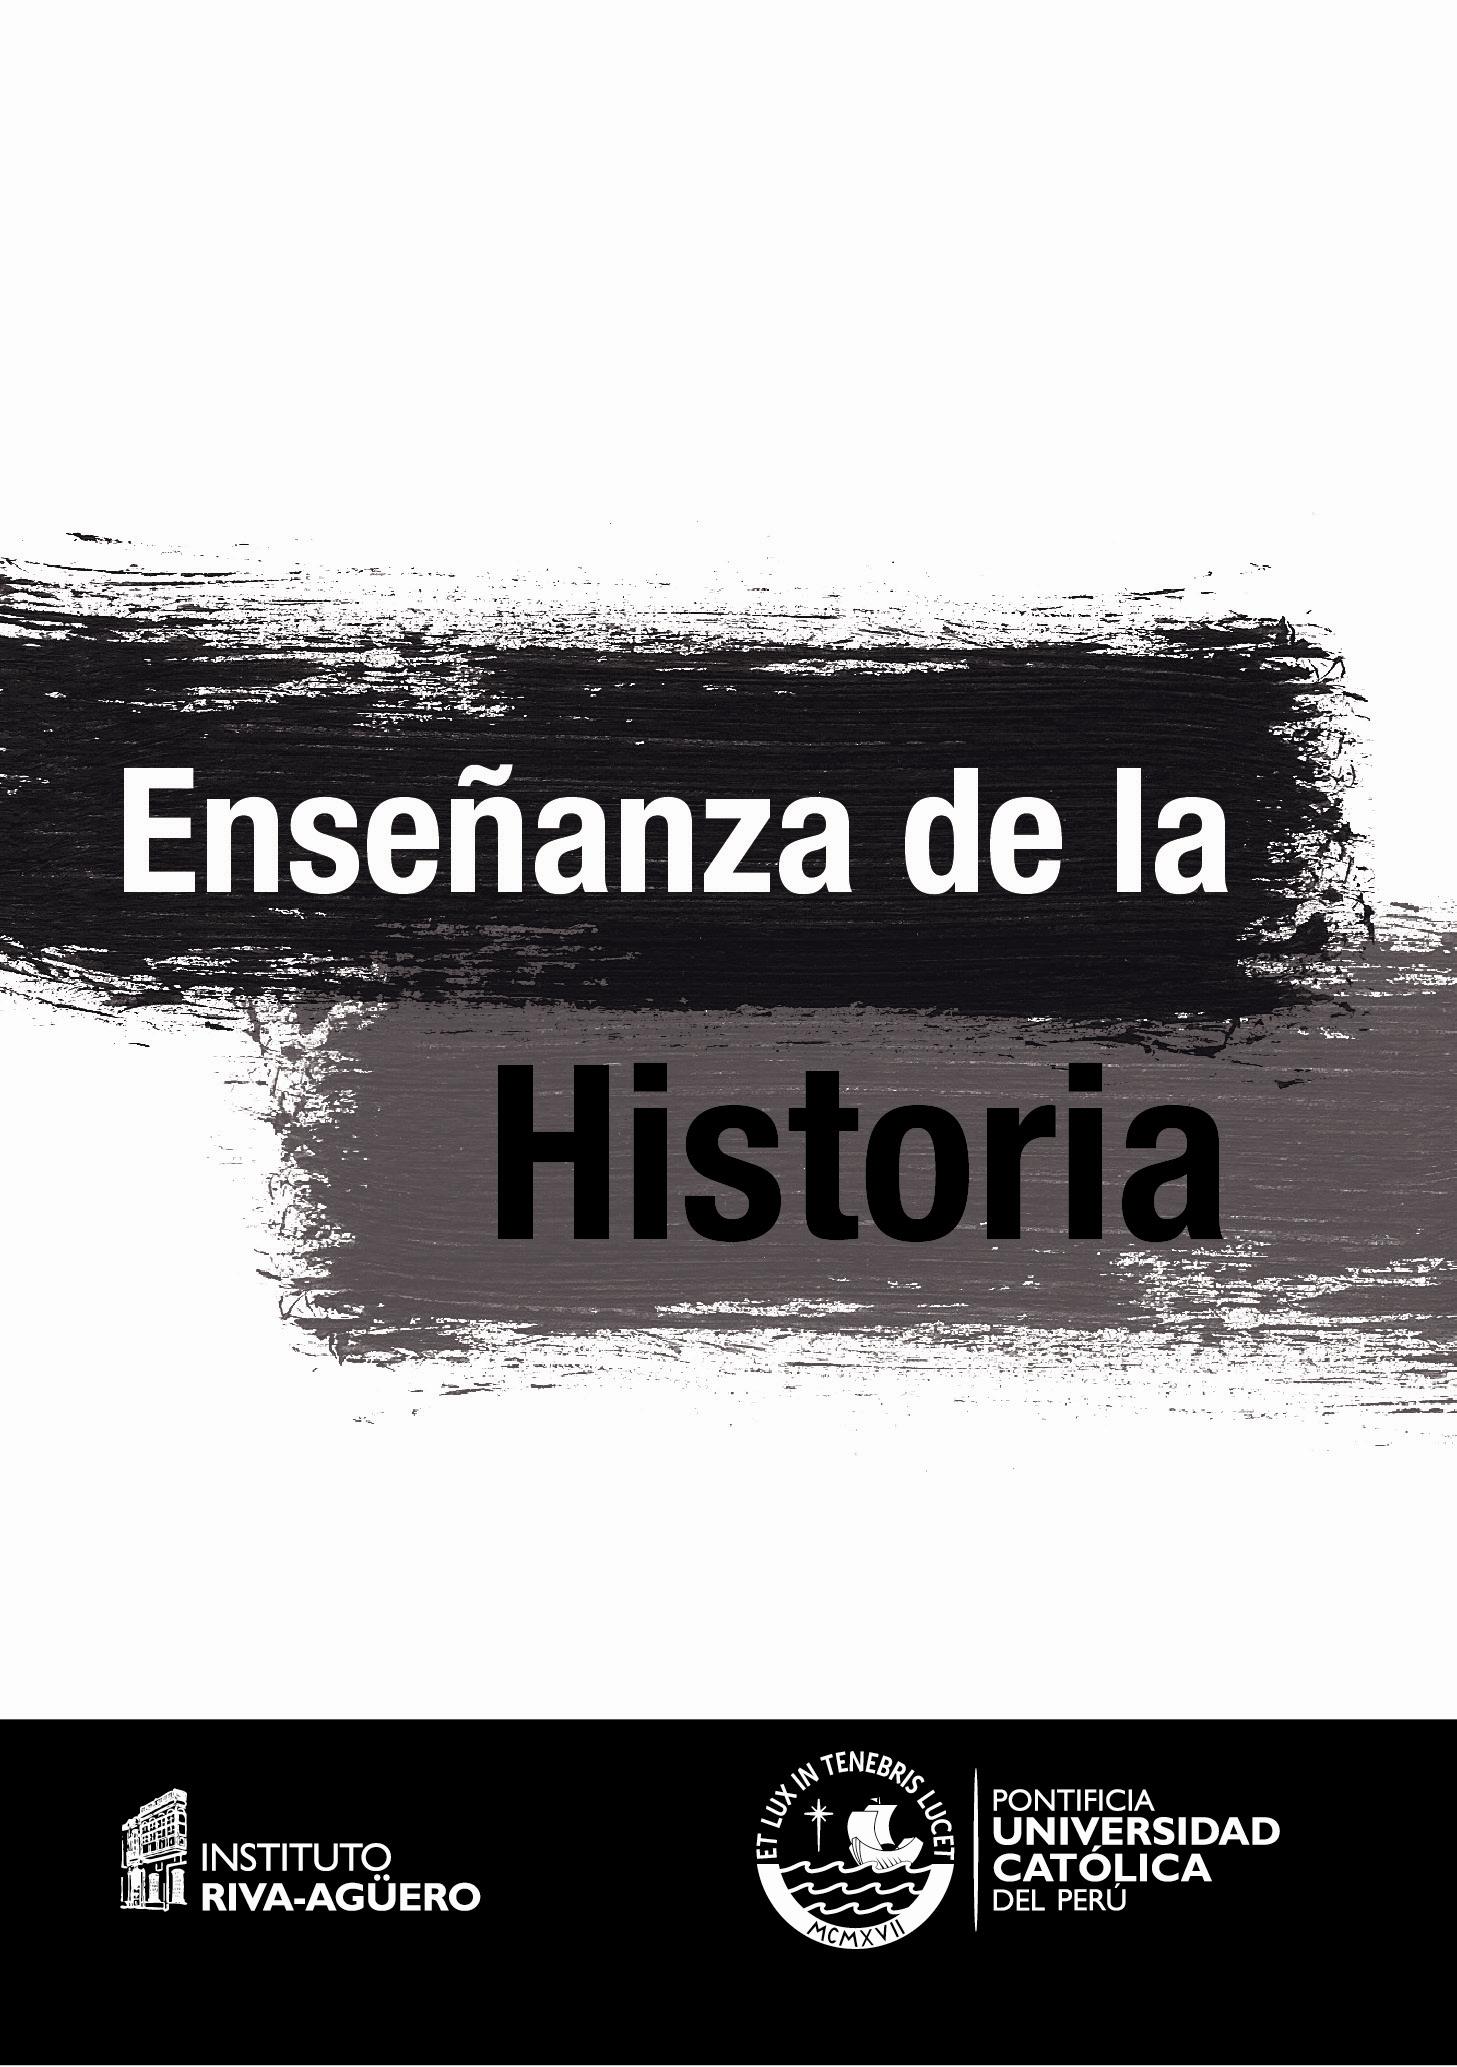 20131205-caratula_digital_cuadernos_ensenanza_historia.jpg